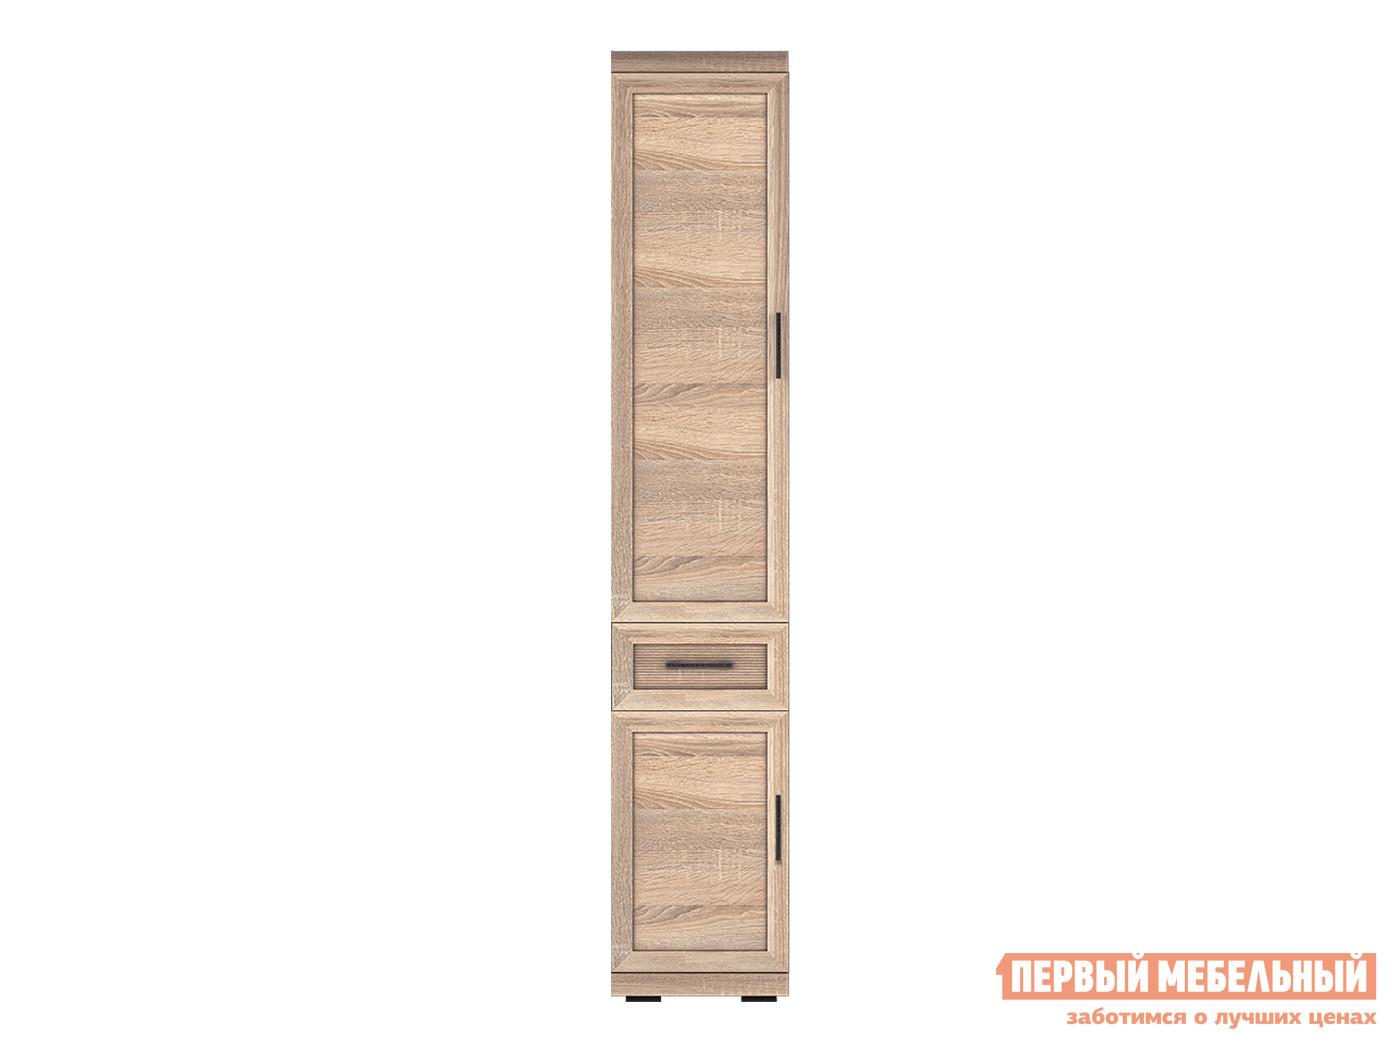 Шкаф распашной Первый Мебельный Вега Прованс 9 шкаф распашной первый мебельный вега прованс ш3